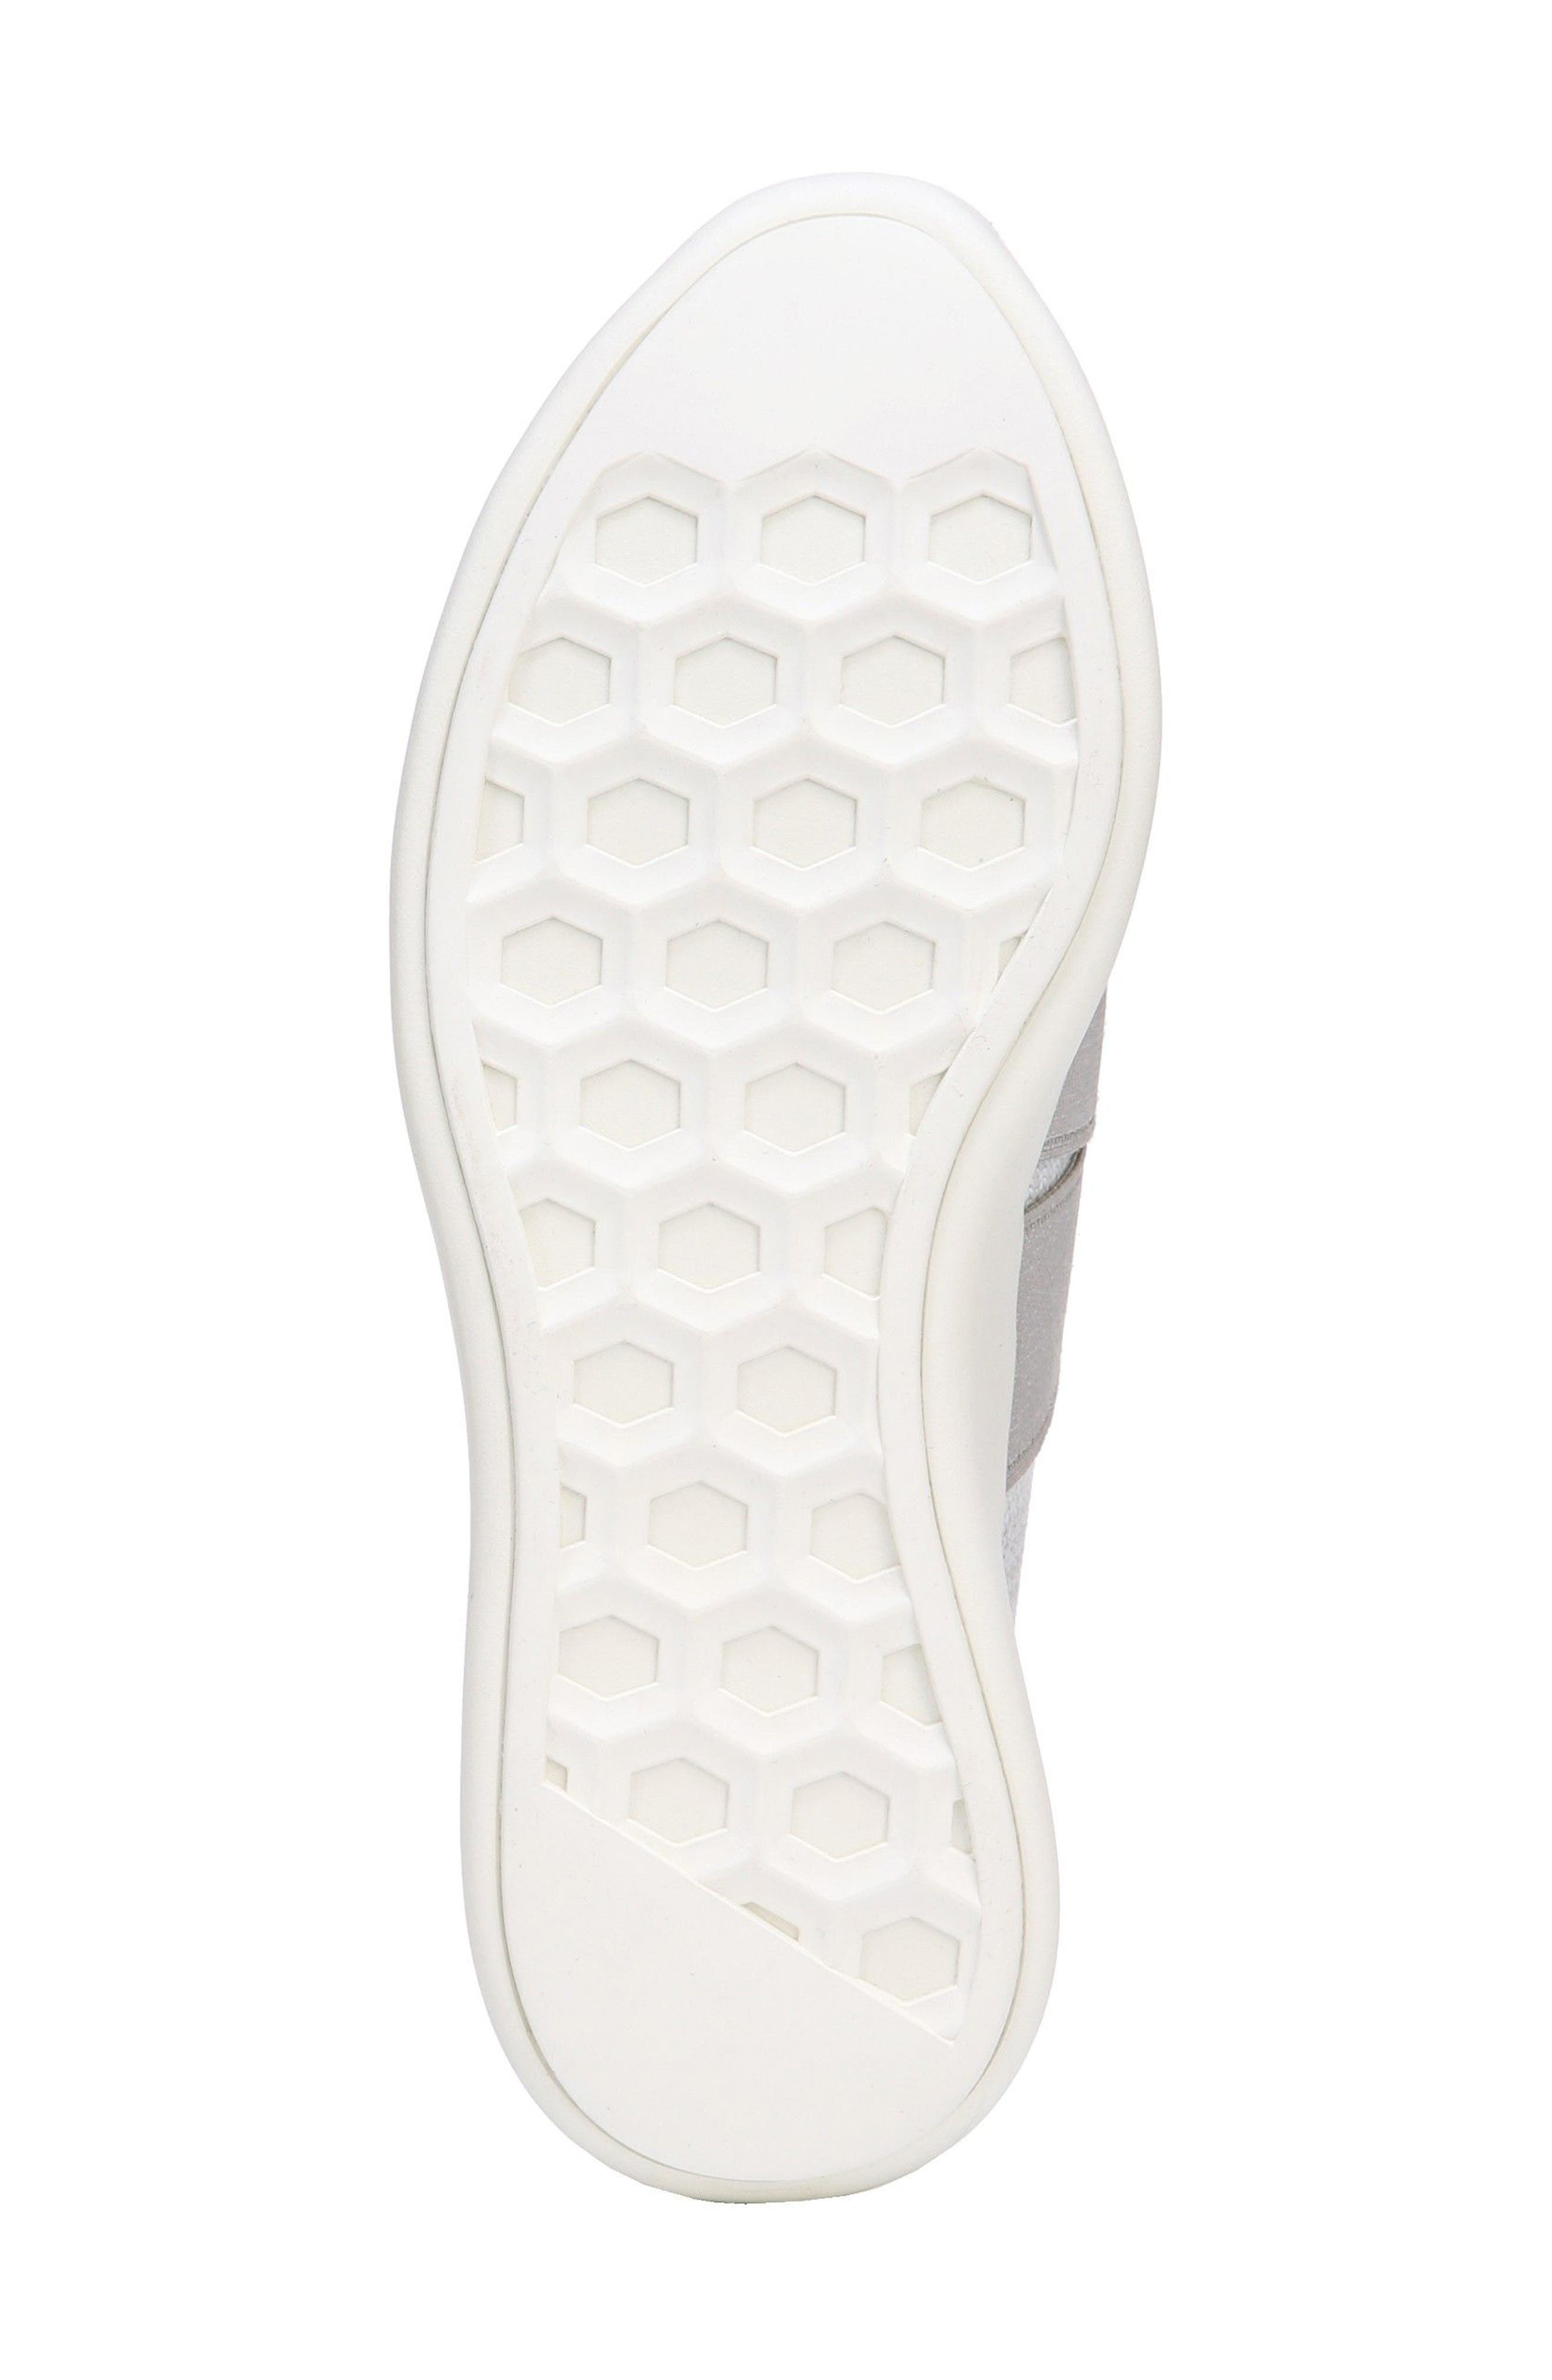 Aston Slip-On Sneaker,                             Alternate thumbnail 5, color,                             White/ Grey Marled Knit